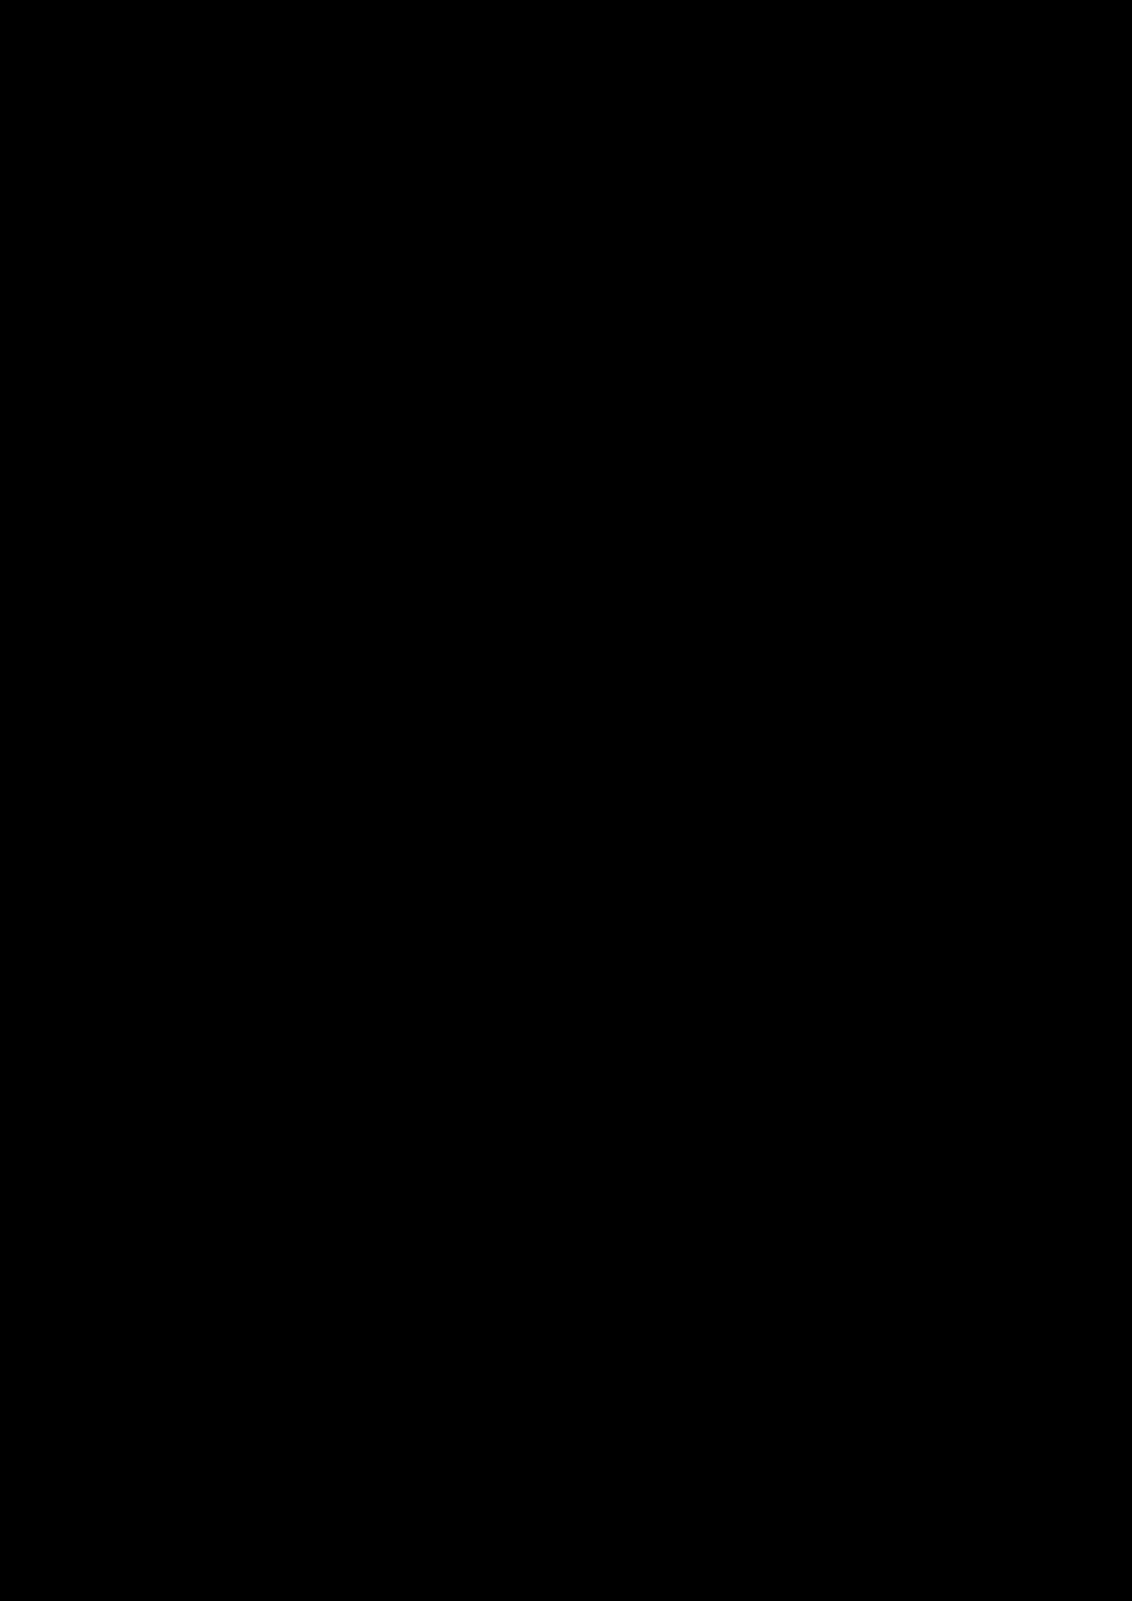 Zagadka volshebnoy stranyi slide, Image 67